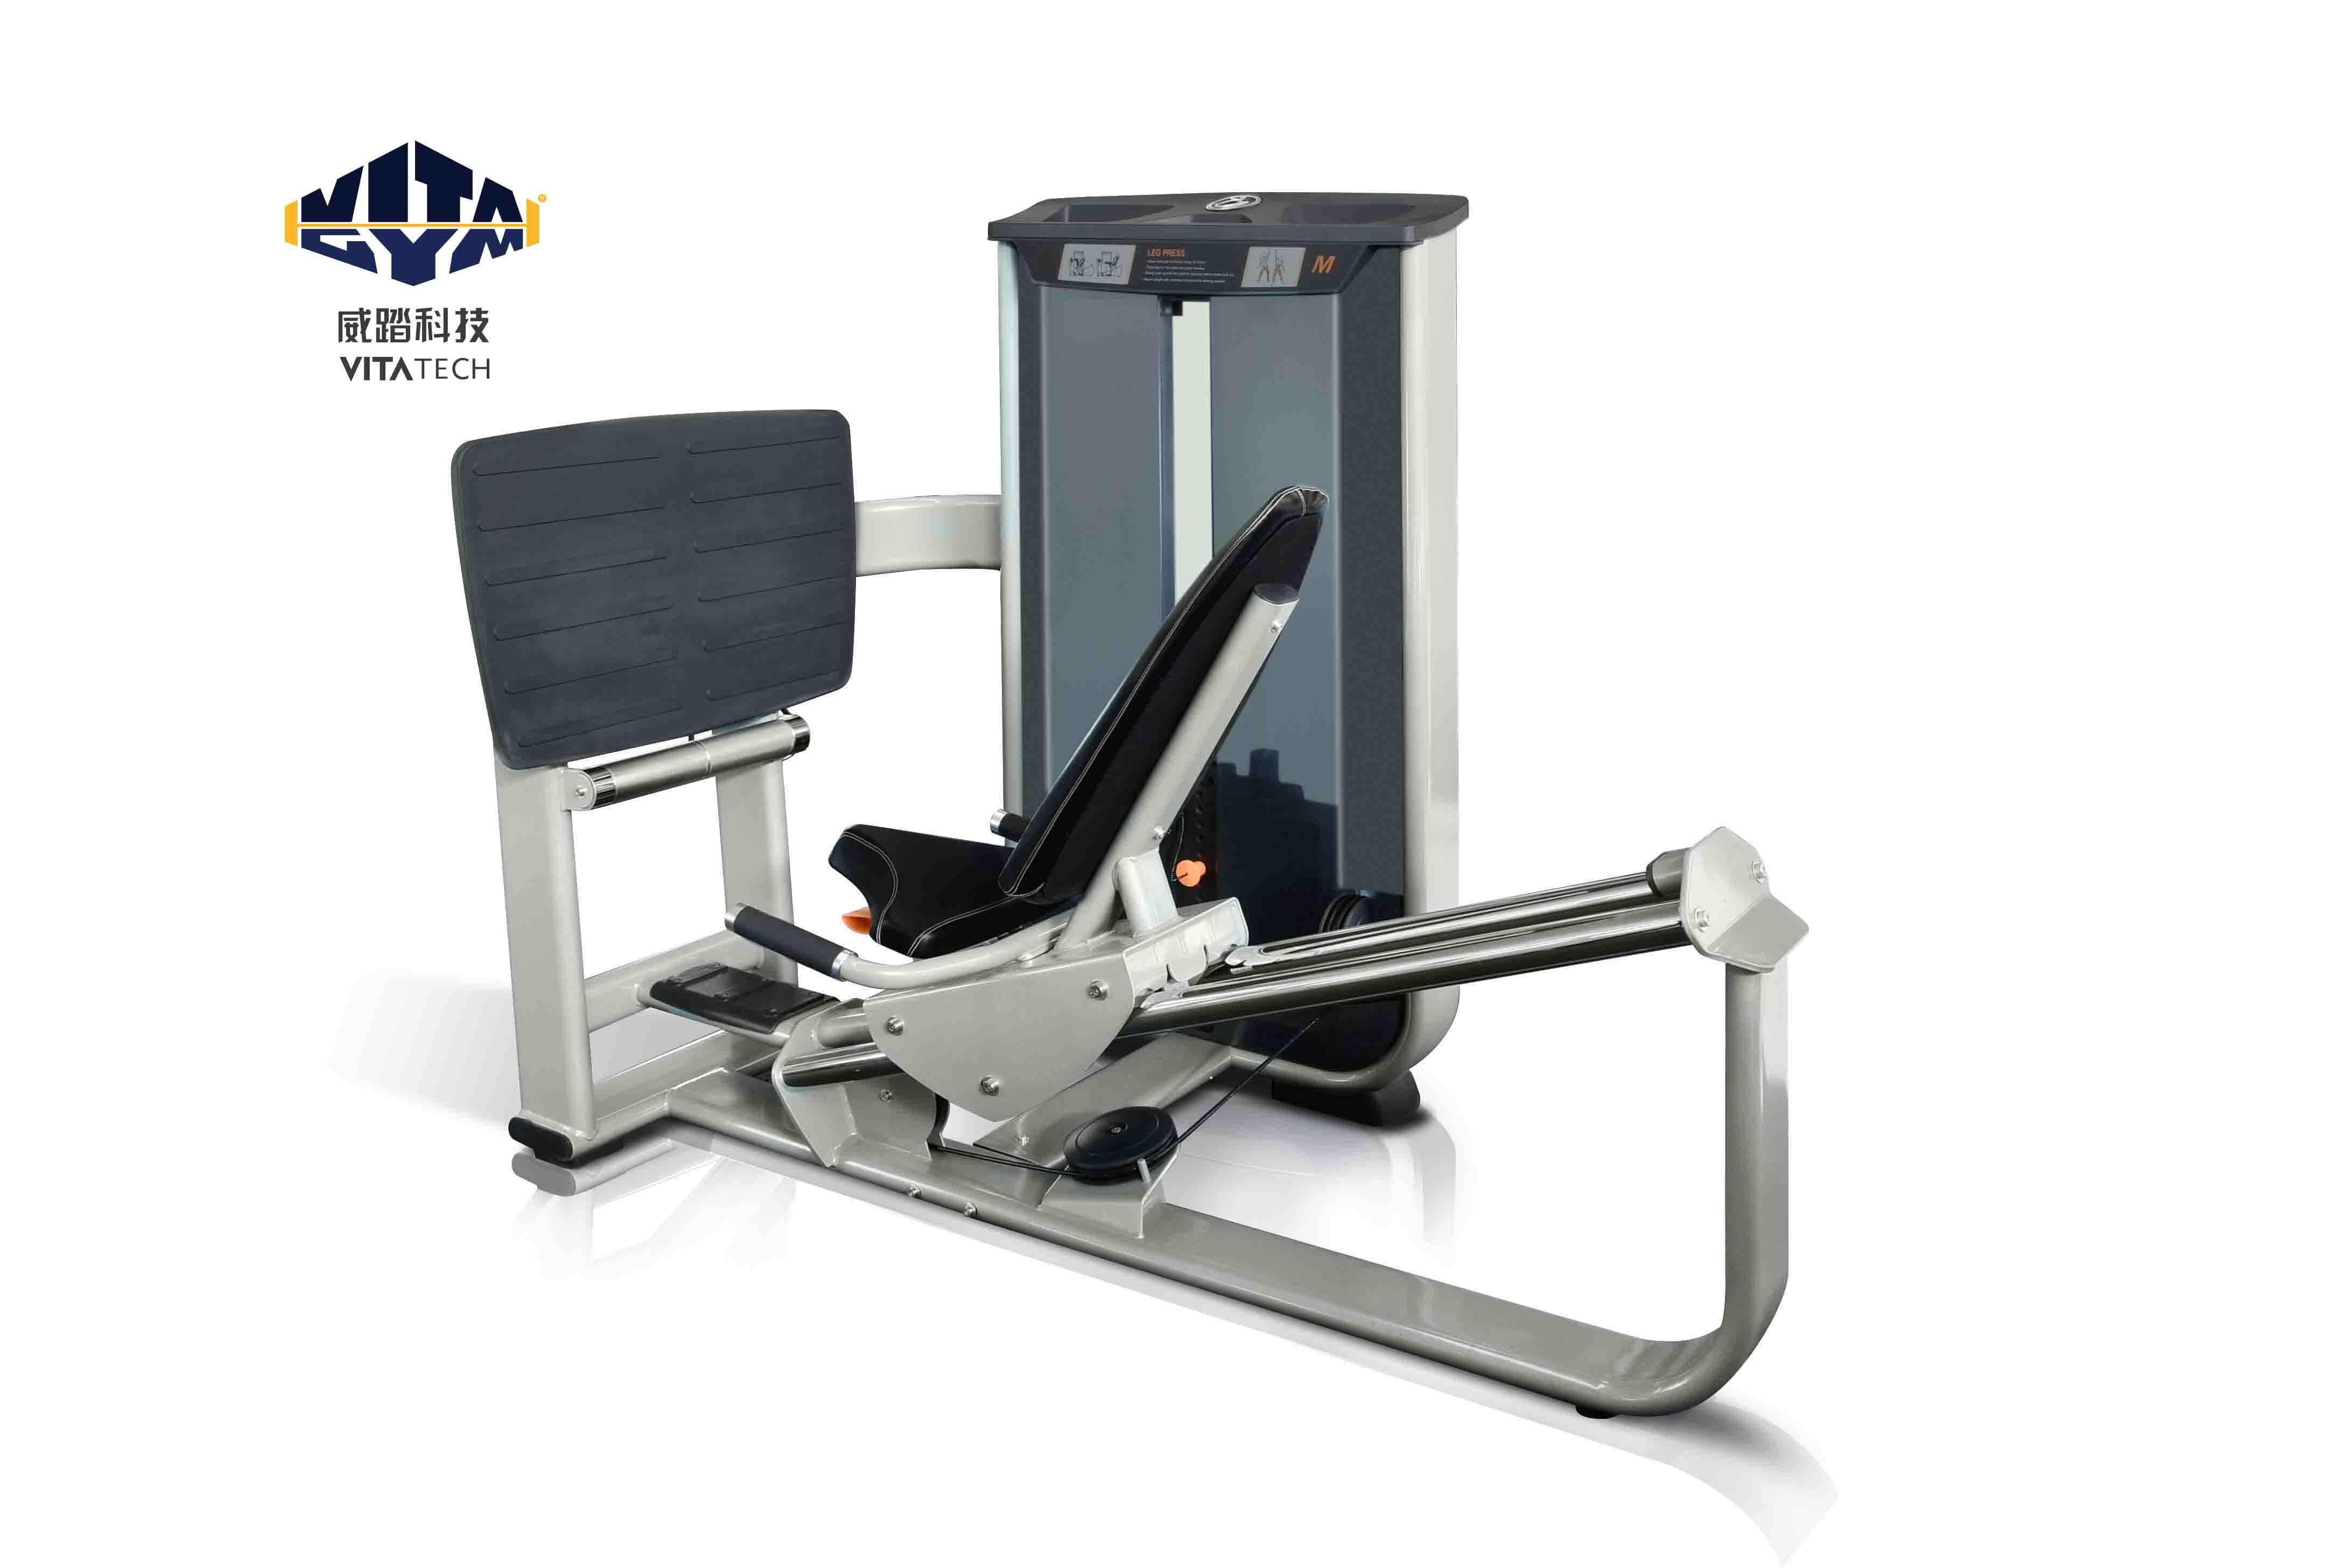 坐式蹬腿训练机